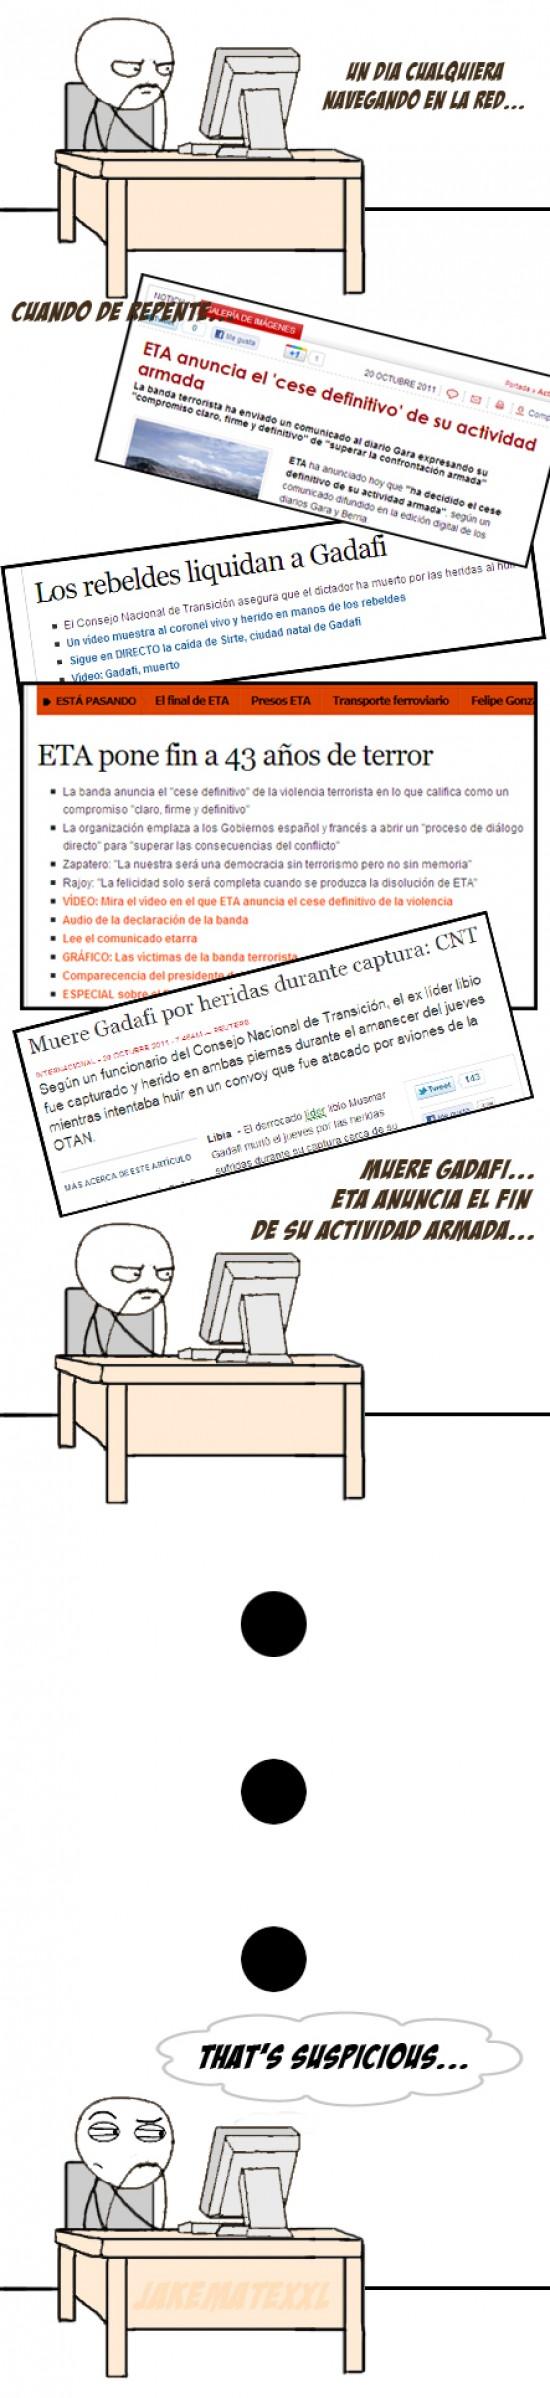 Thats_suspicious - ETA y Gadafi